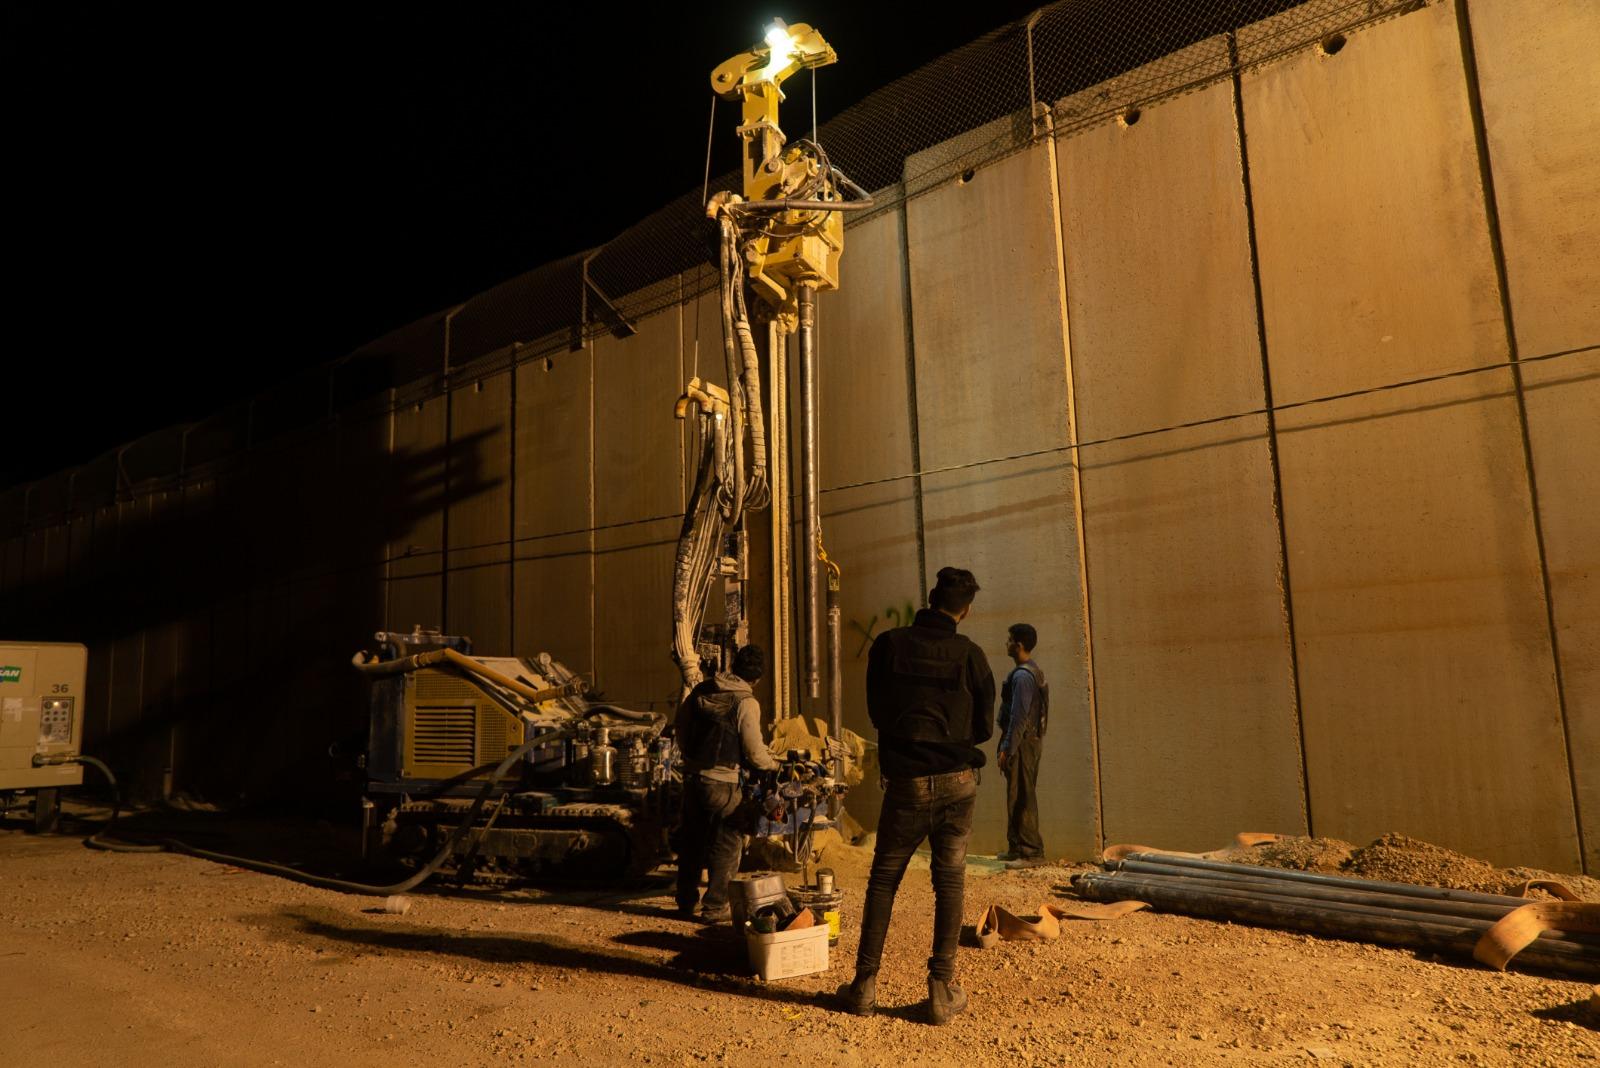 Israël lance une opération à sa frontière avec le Liban contre des tunnels du Hezbollah